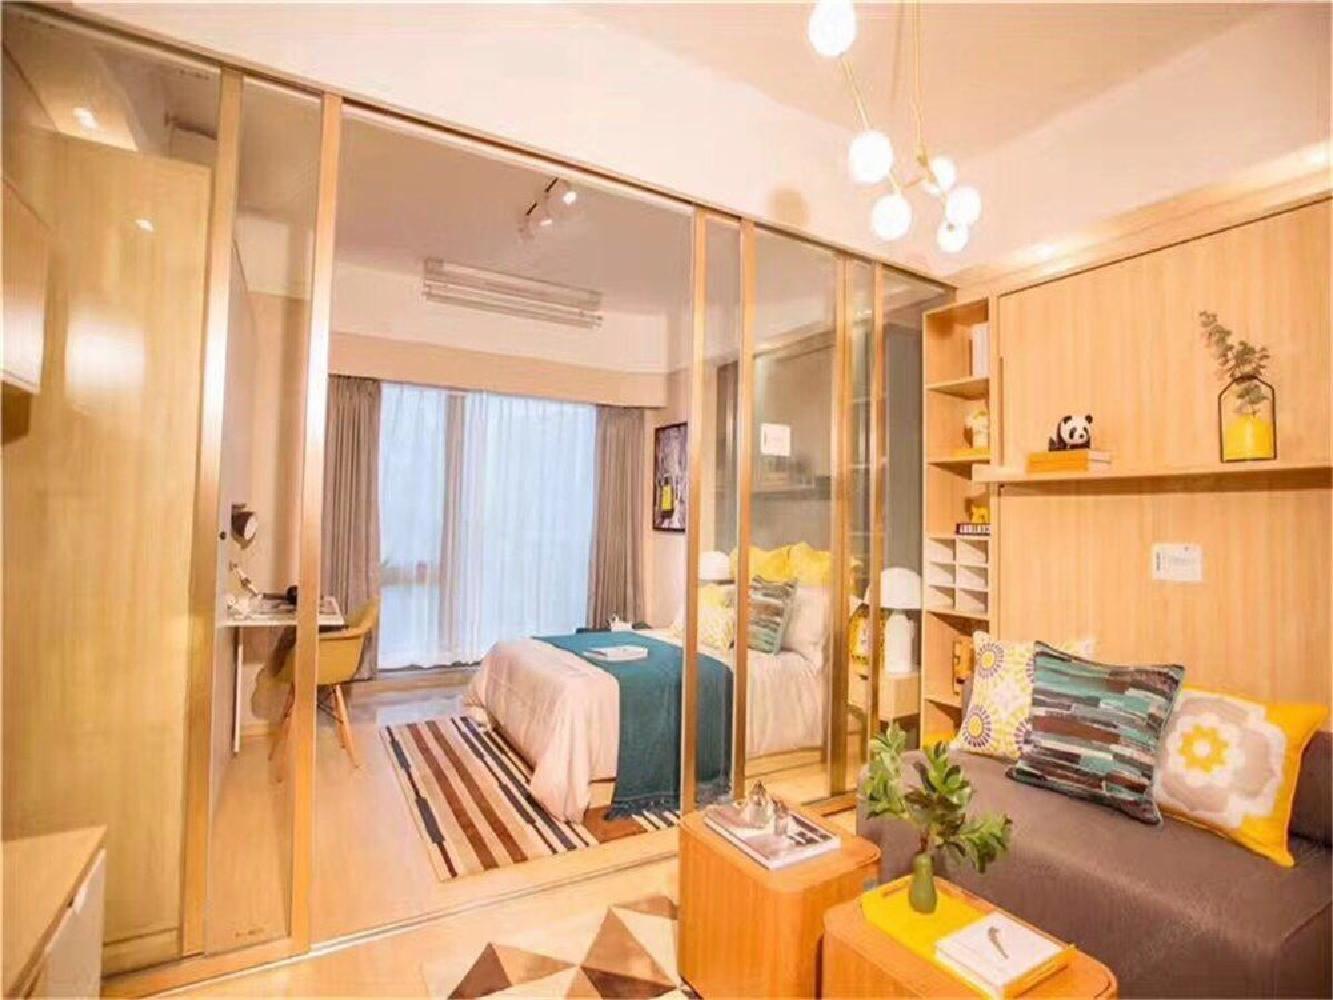 70年住宅 精装1室1厅带阳台 双高桥学校 总价85万地铁口